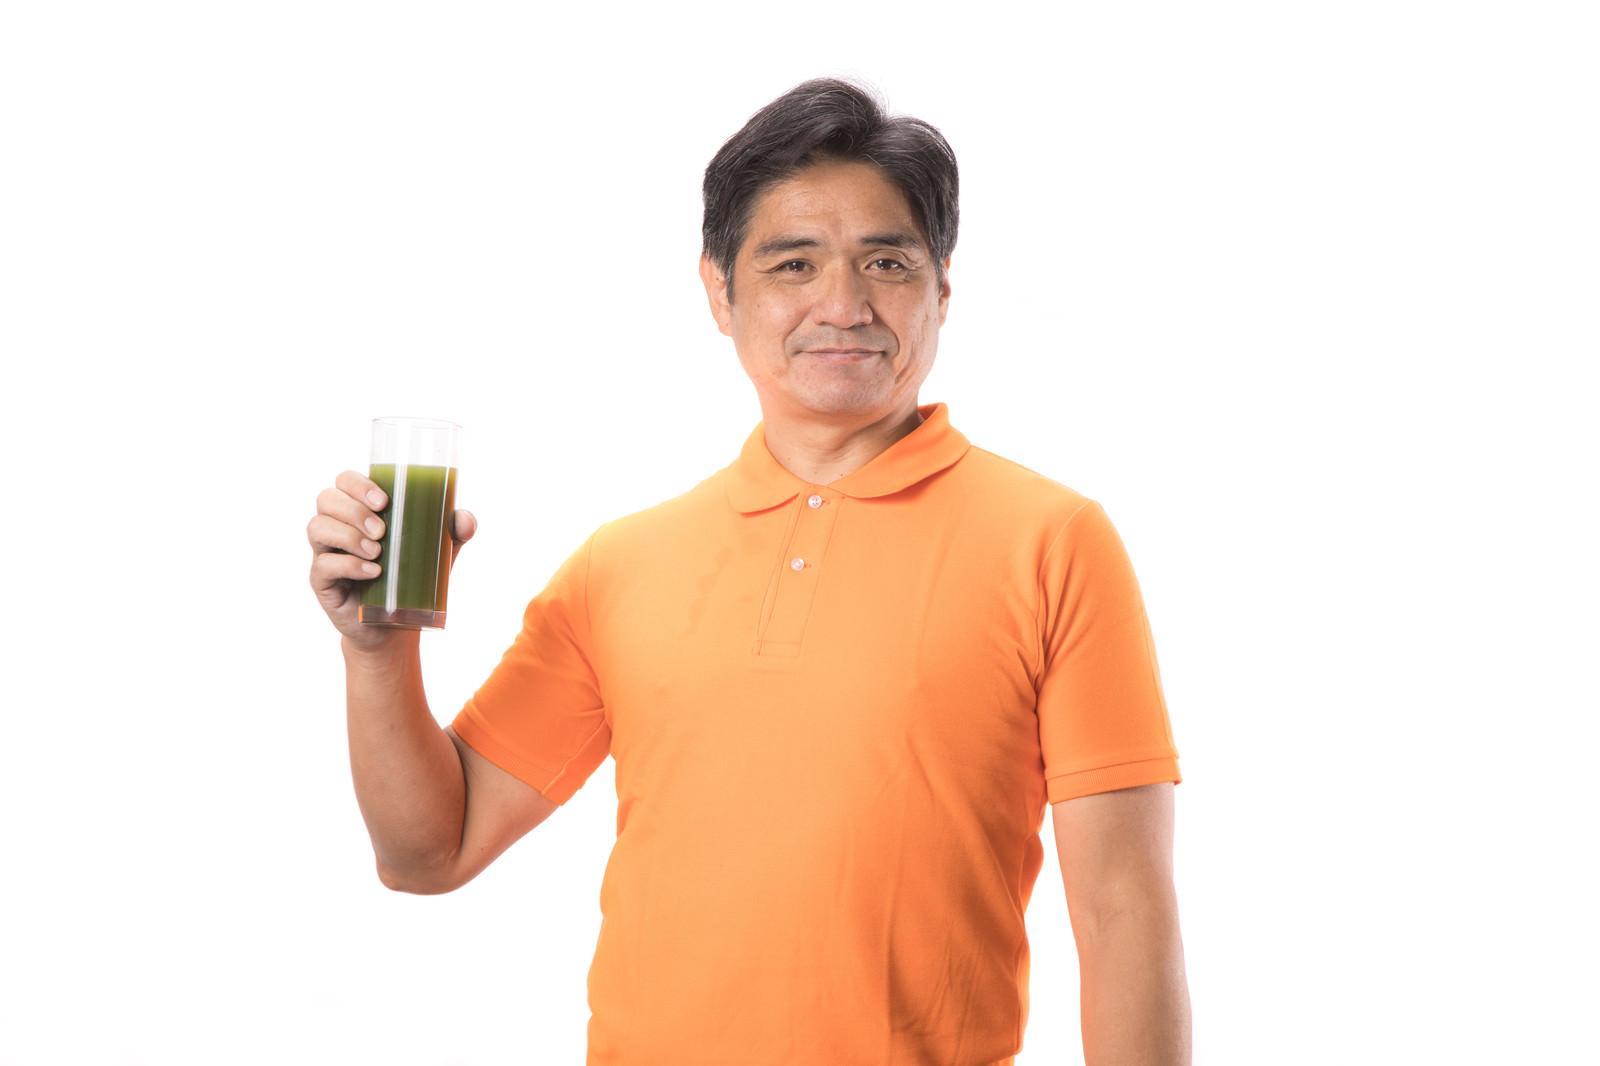 「青汁を片手に持った中年男性青汁を片手に持った中年男性」[モデル:よたか]のフリー写真素材を拡大